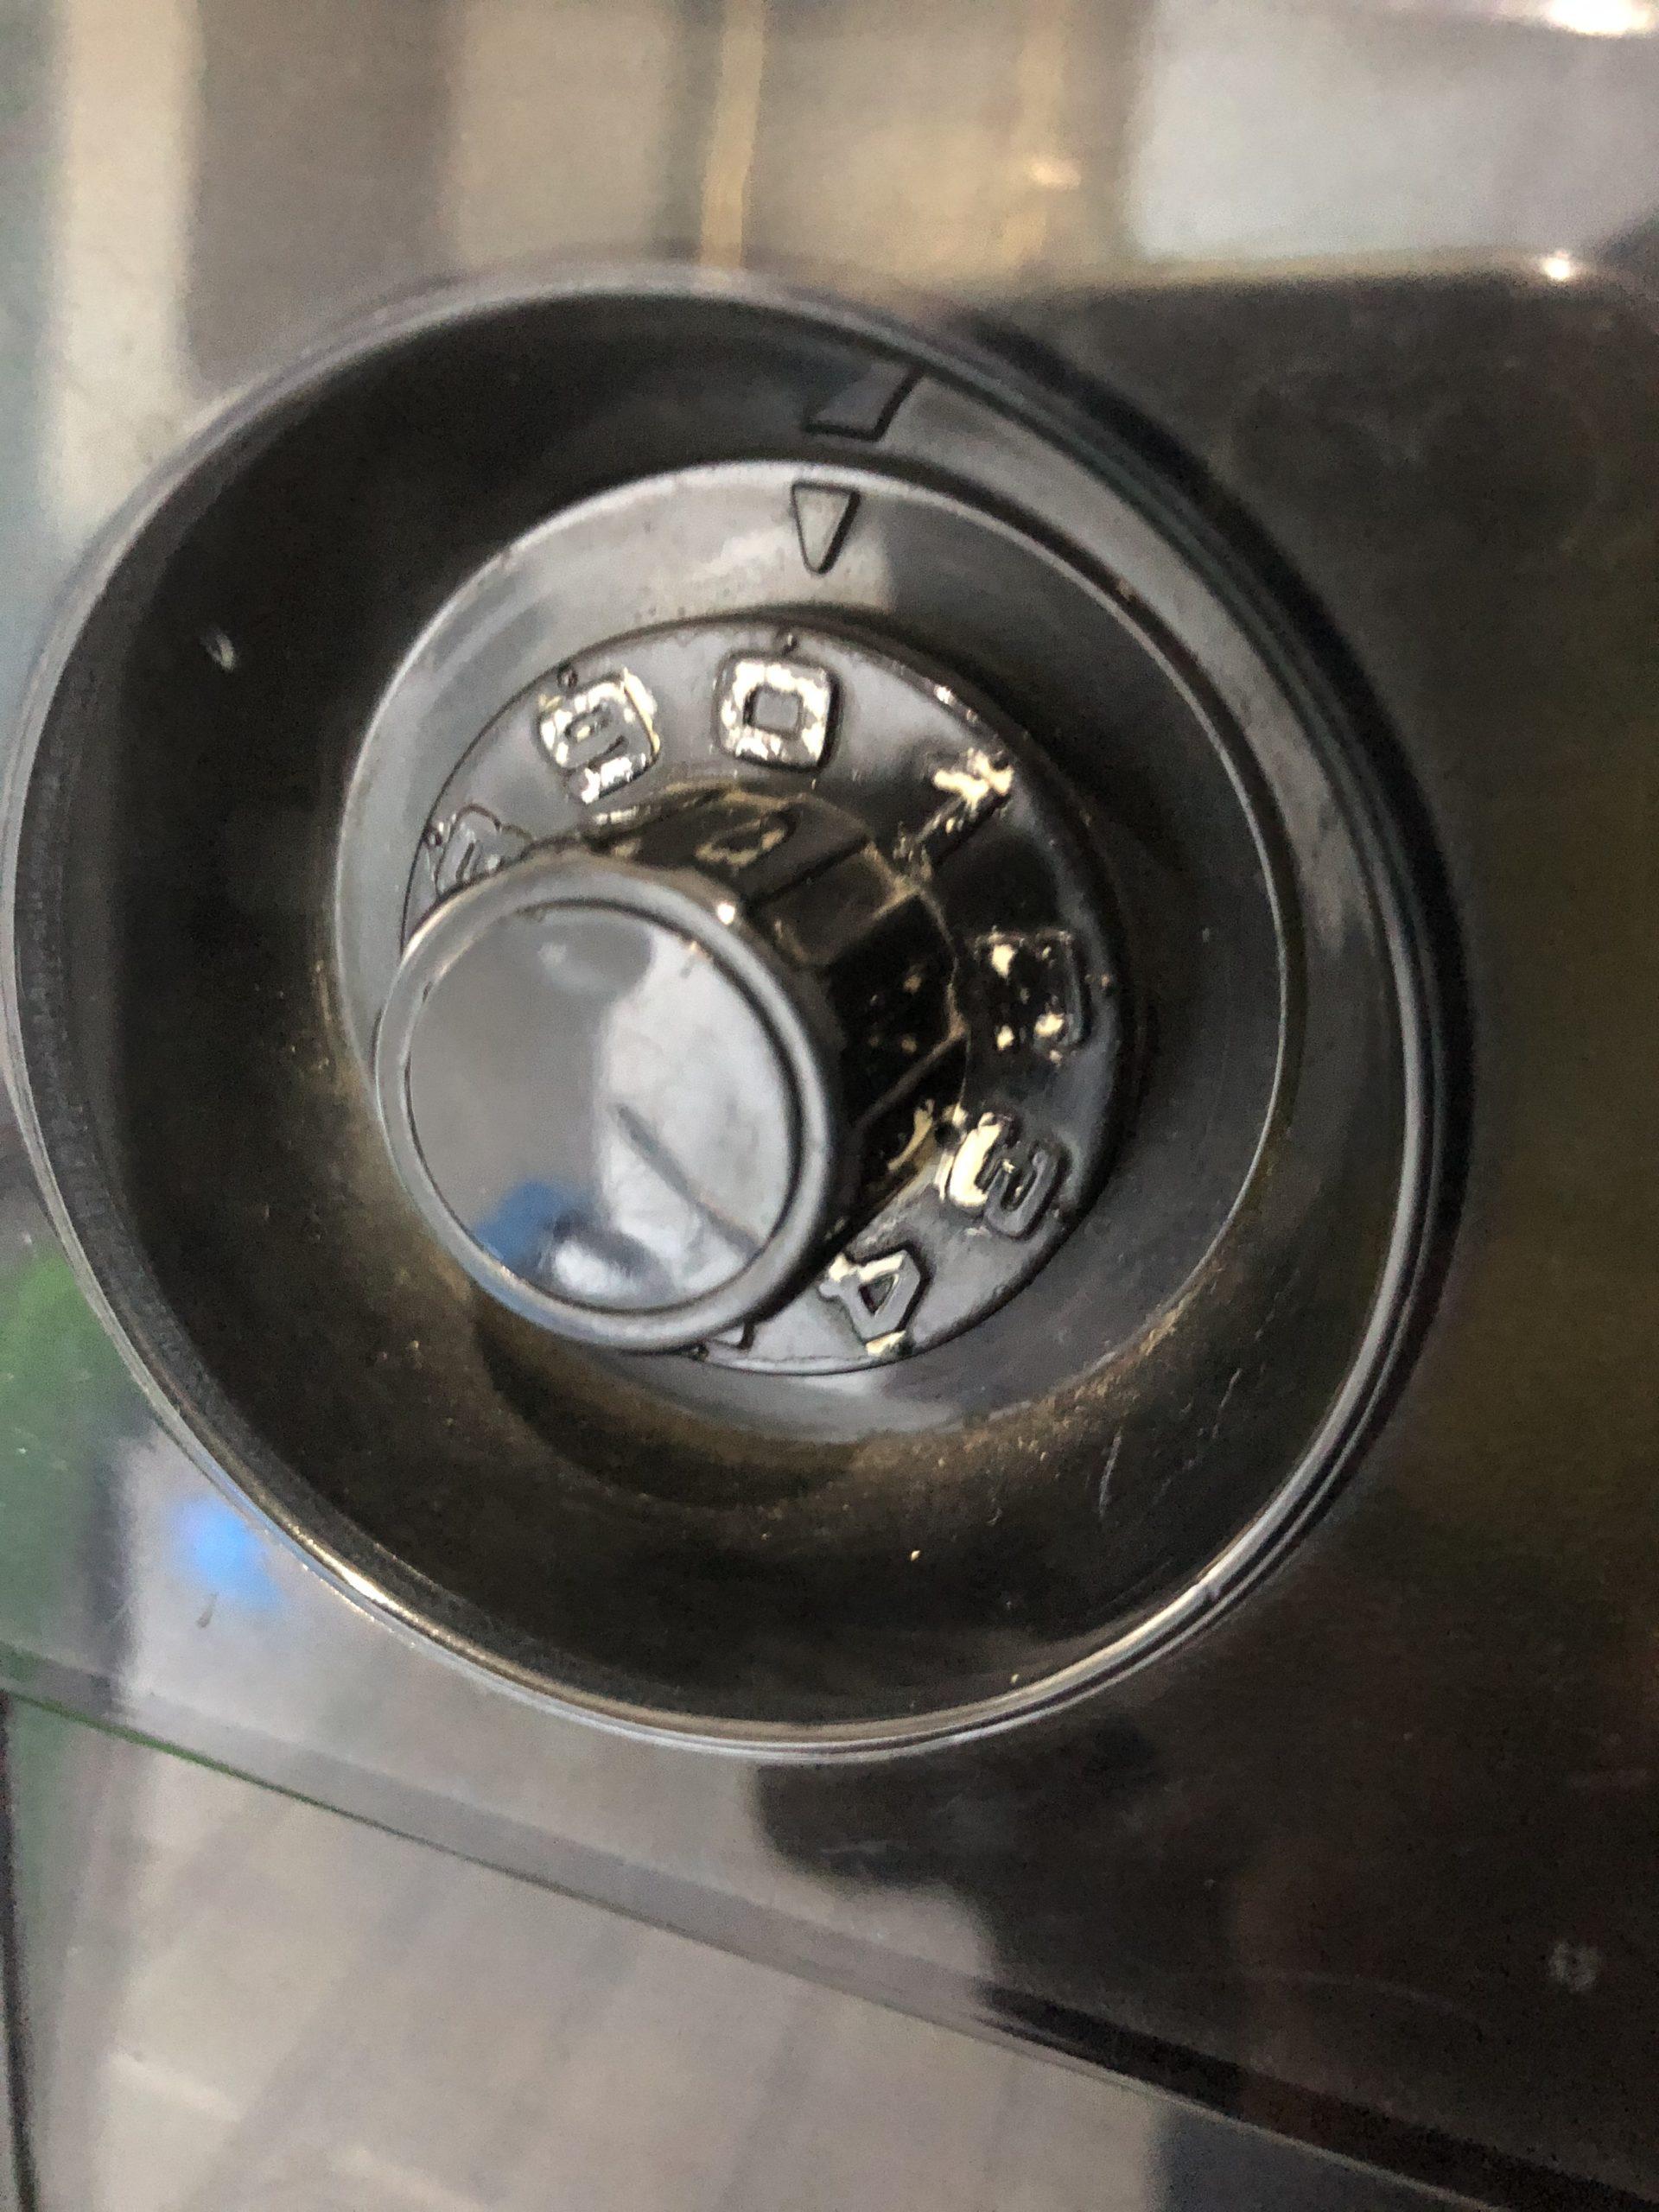 ポストダイヤル錠のイメージ写真